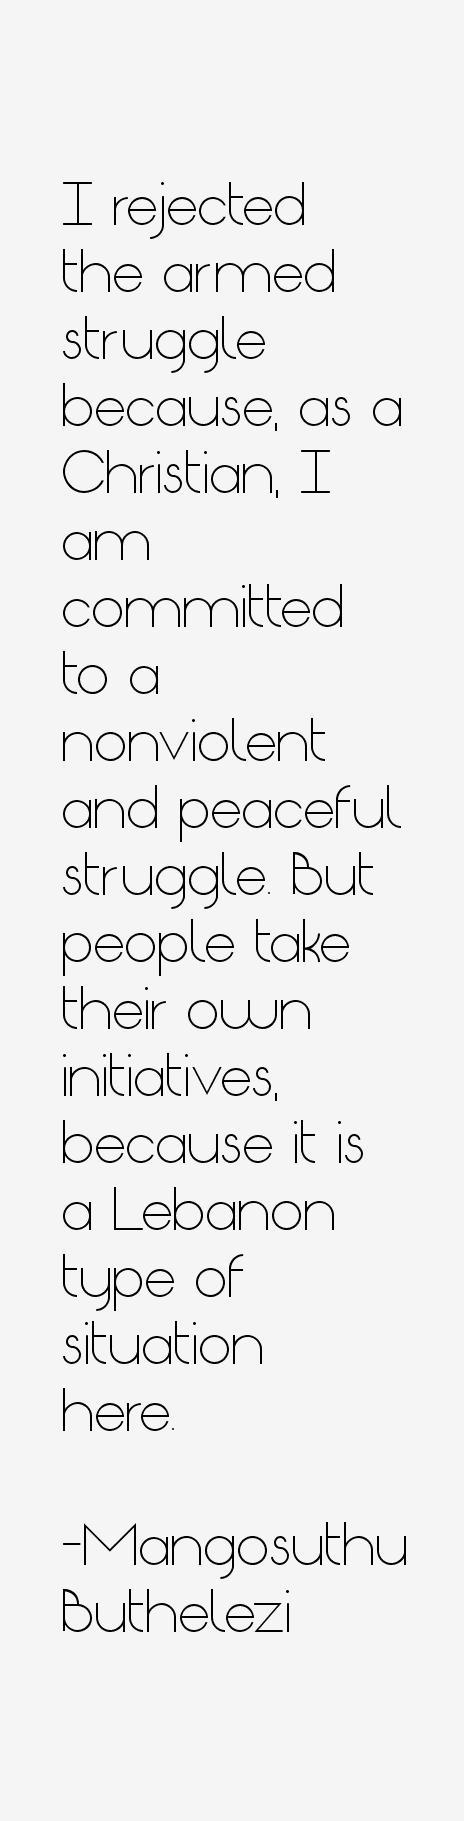 Mangosuthu Buthelezi Quotes